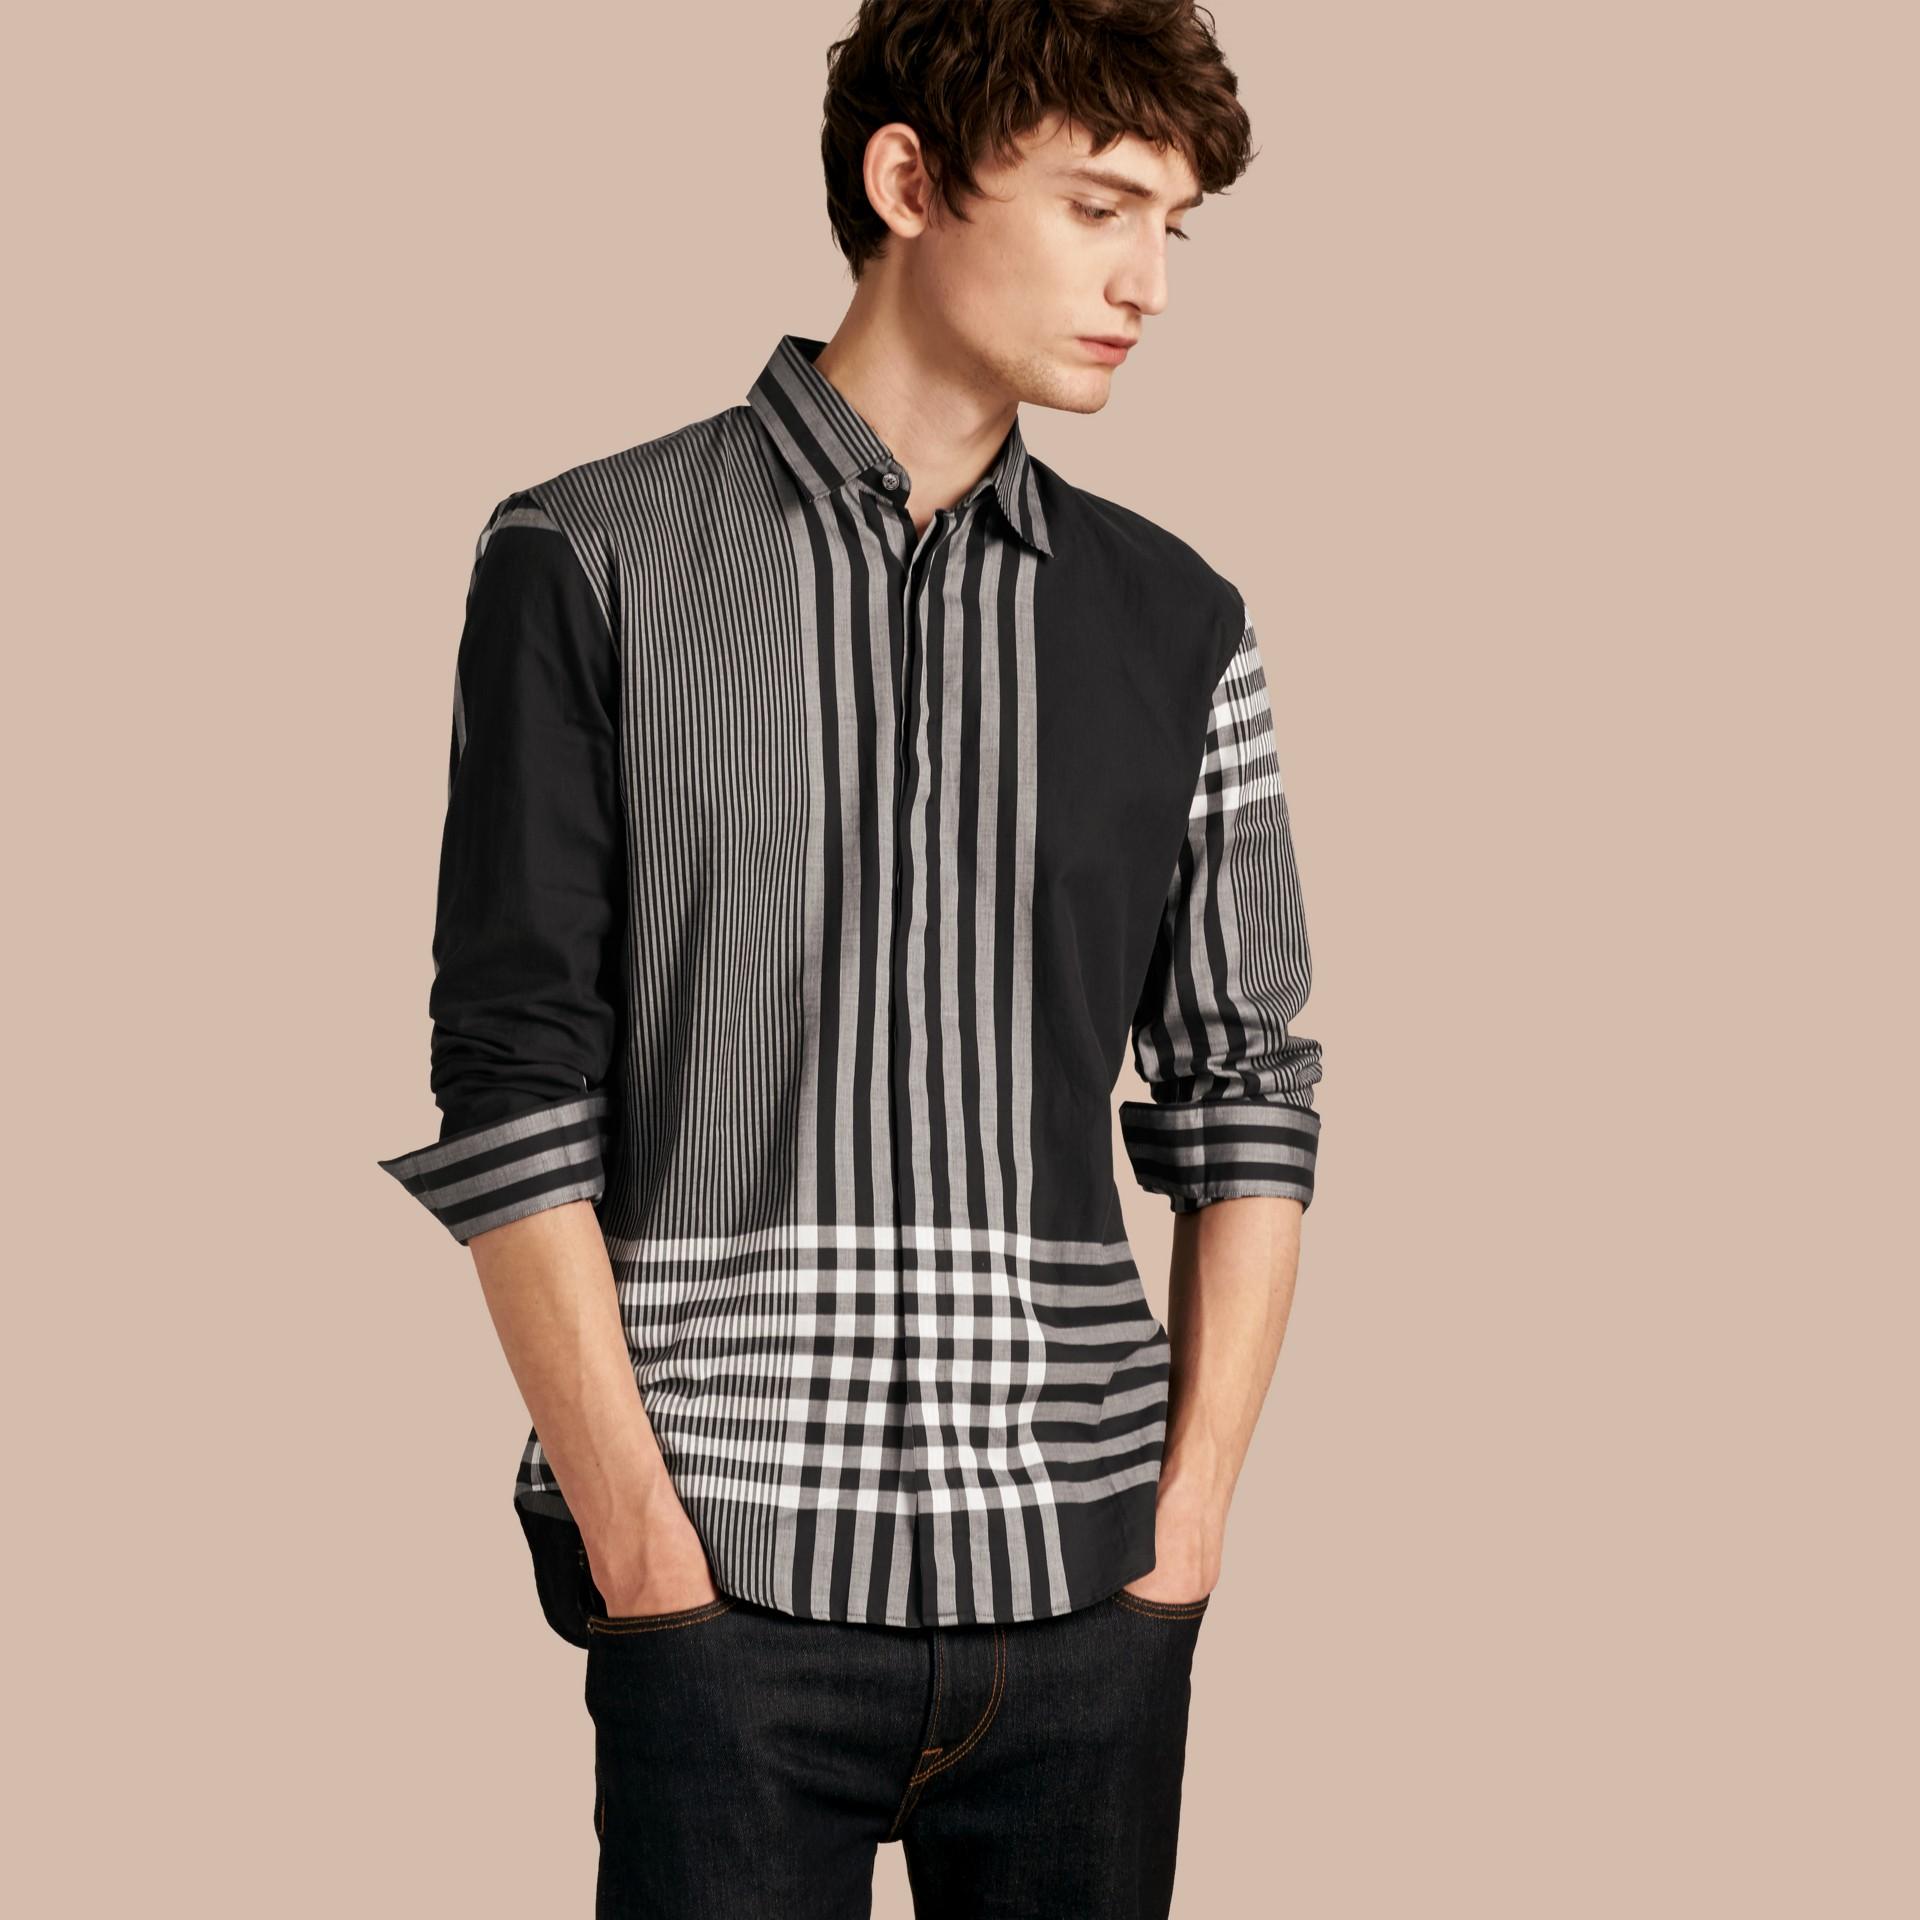 Nero Camicia in cotone con motivo check grafico Nero - immagine della galleria 1